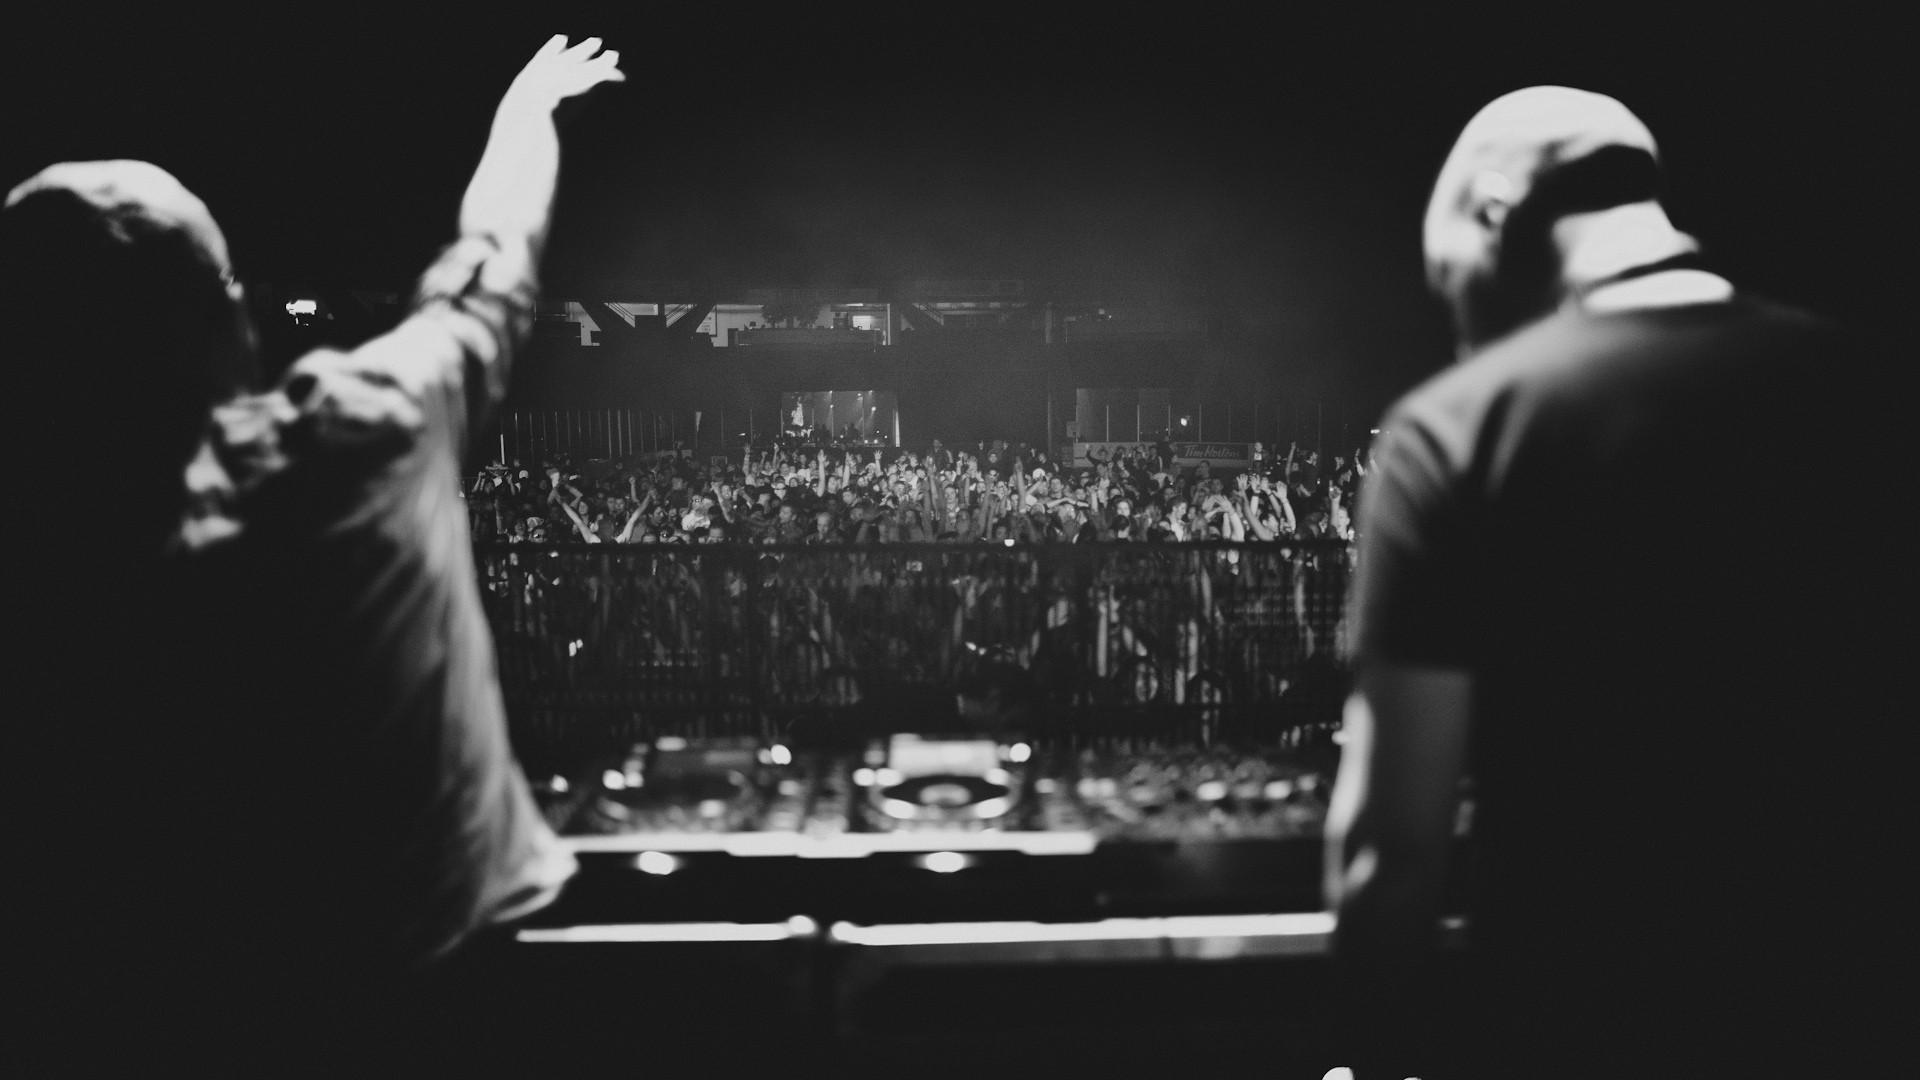 DJs party crowd monochrome concert wallpaper background 1920x1080